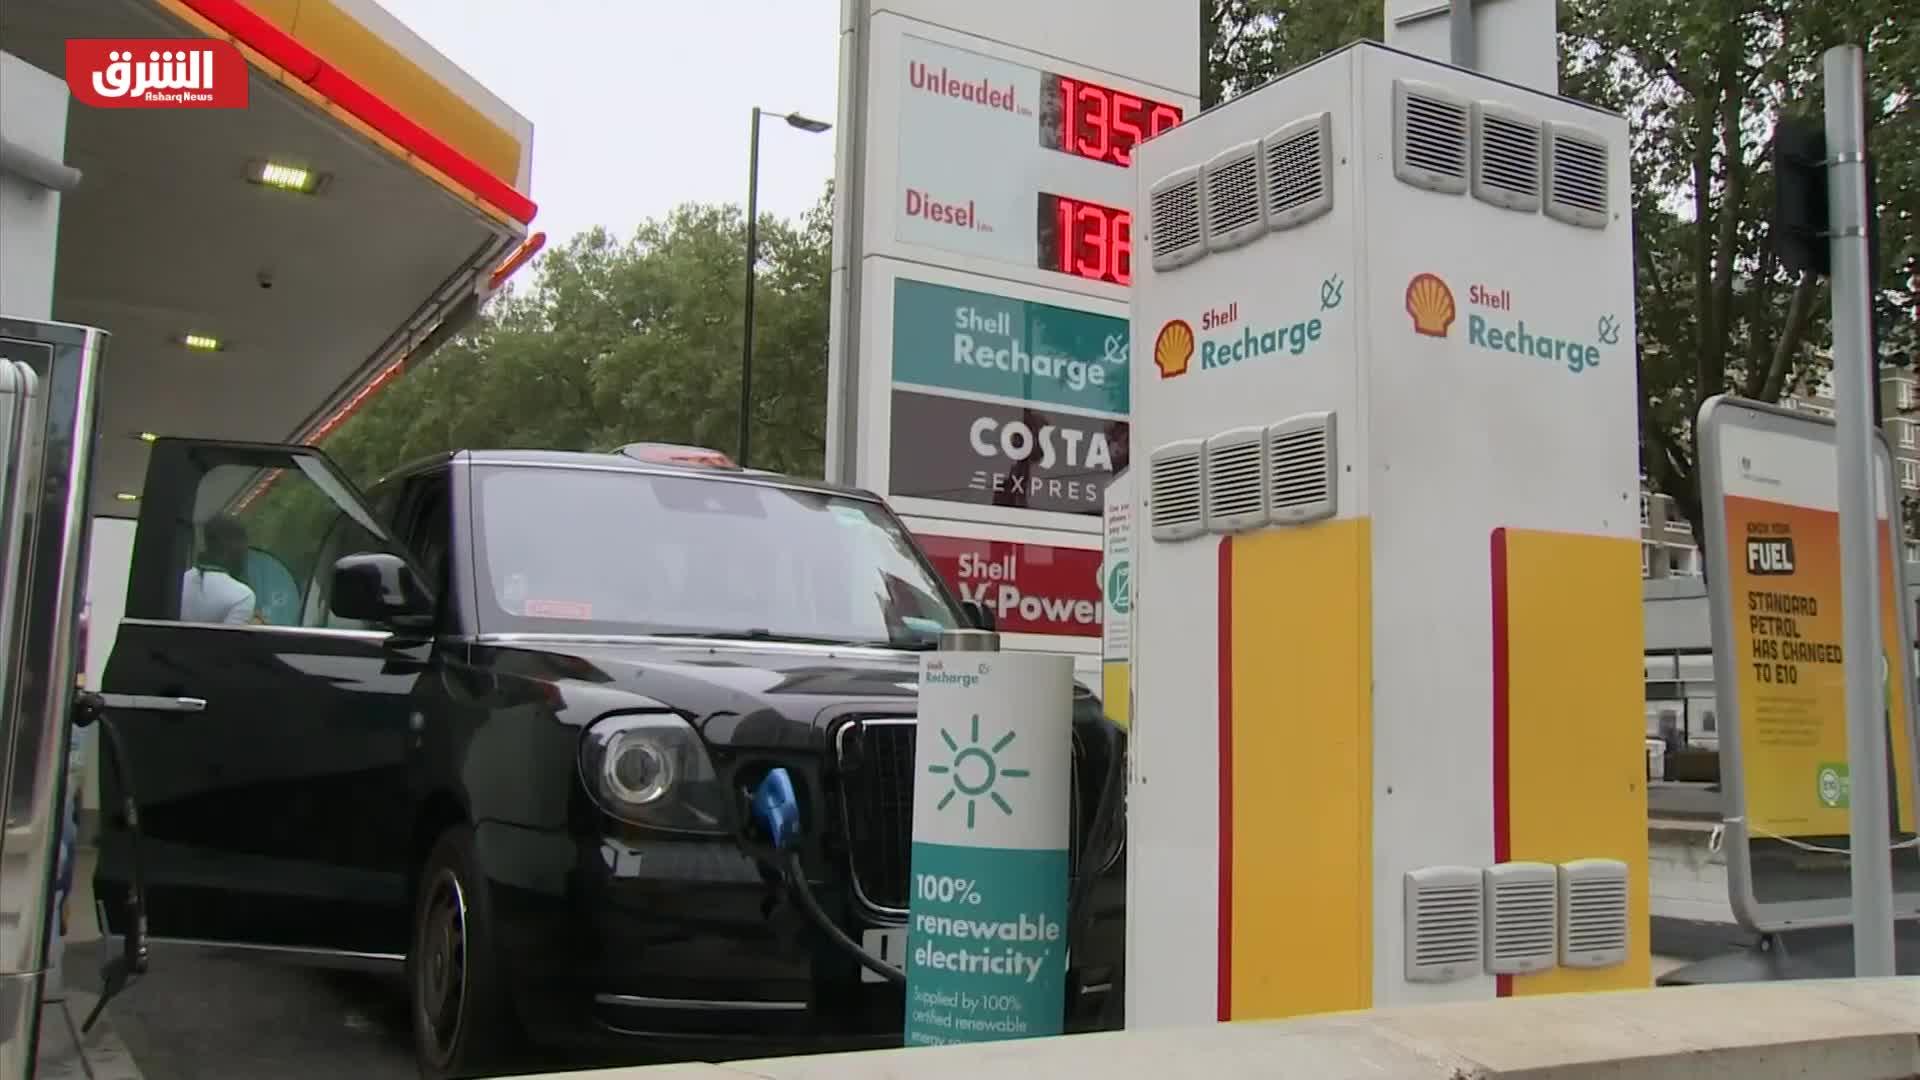 أوروبا تبحث عن حل طويل الأمد للخروج من مأزق نقص الغاز